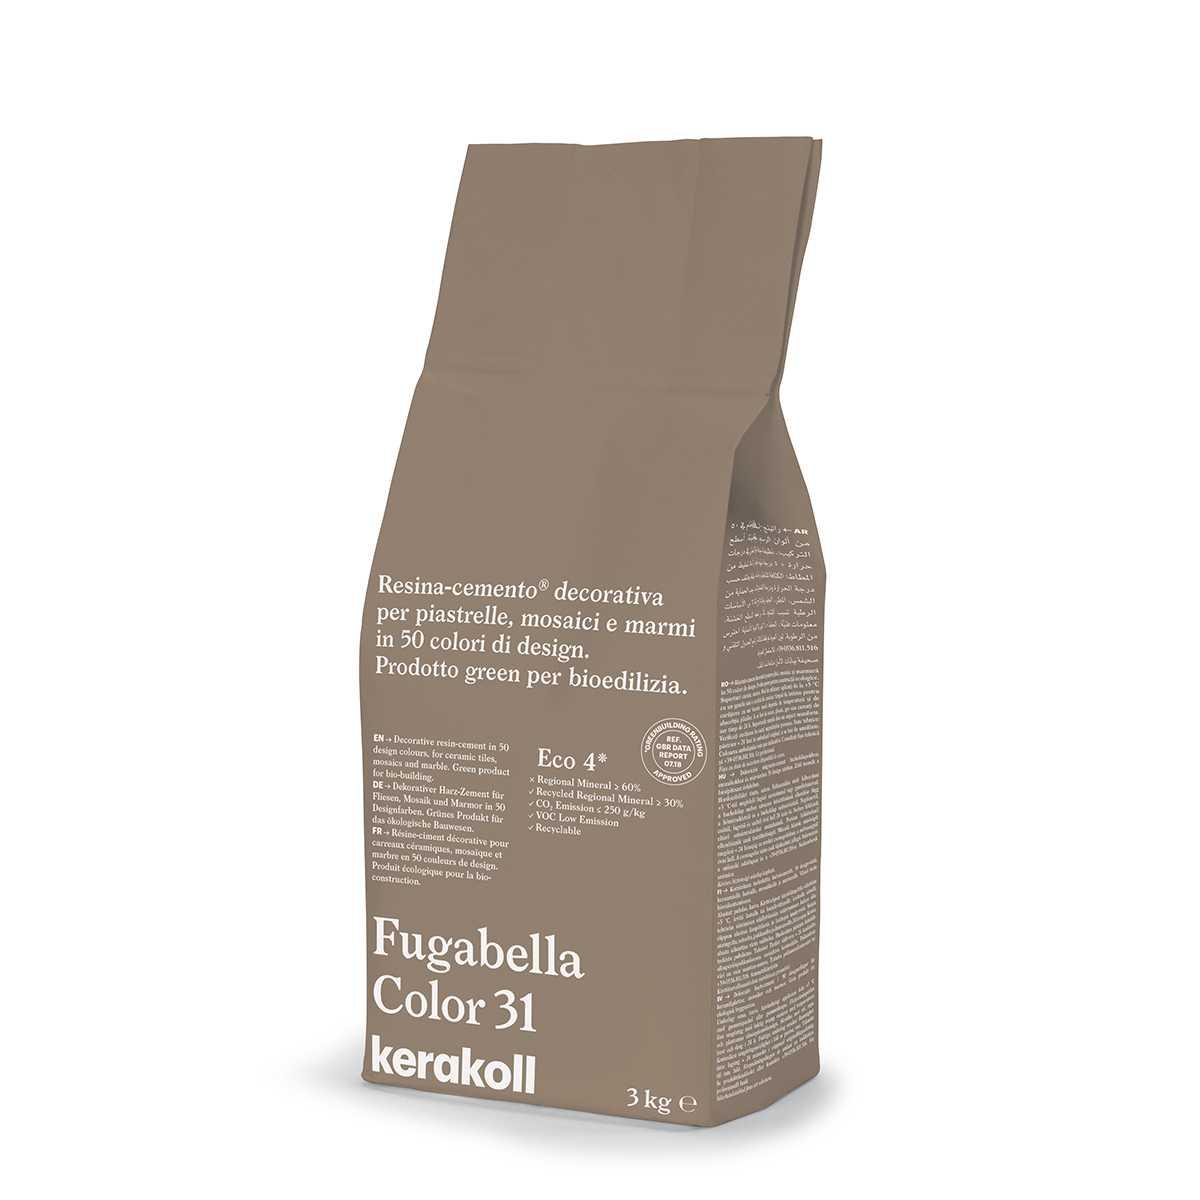 Colore Fughe Piastrelle Beige kerakoll fugabella color 31 3kg stucco per fughe uso interno ed esterno